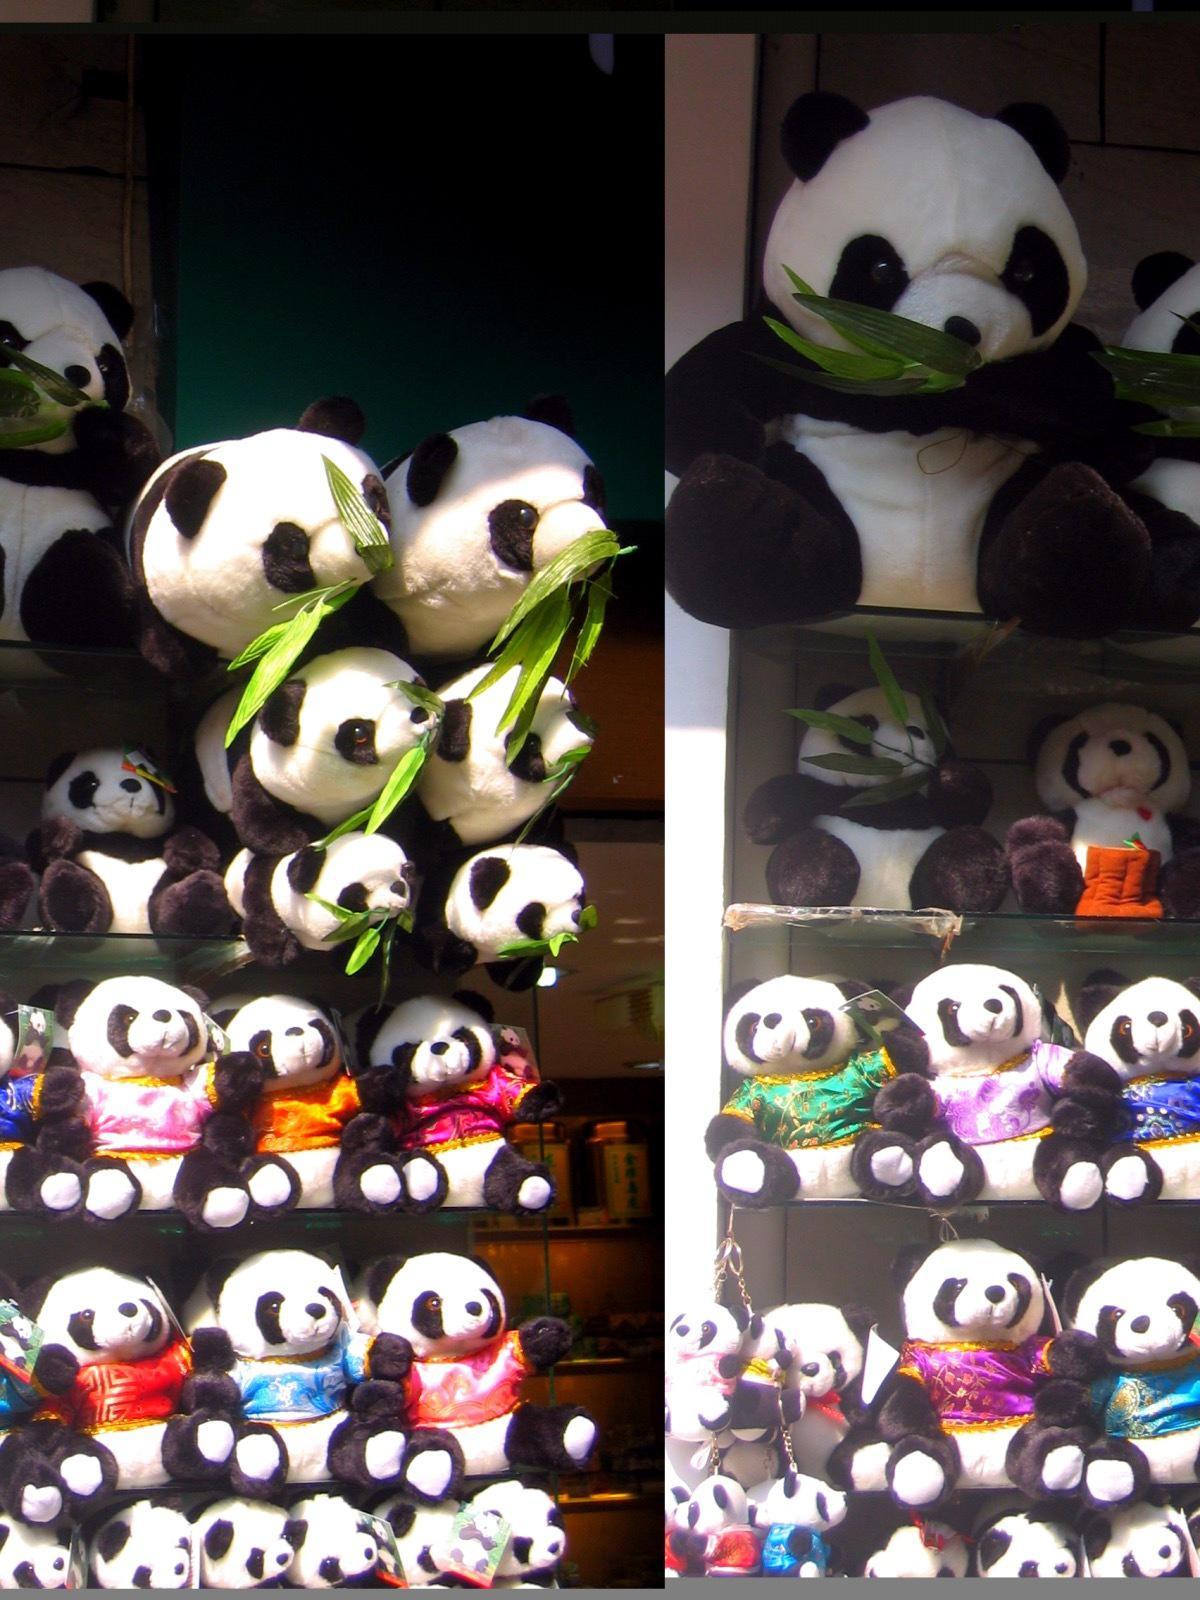 Shanghai - Panda Bears